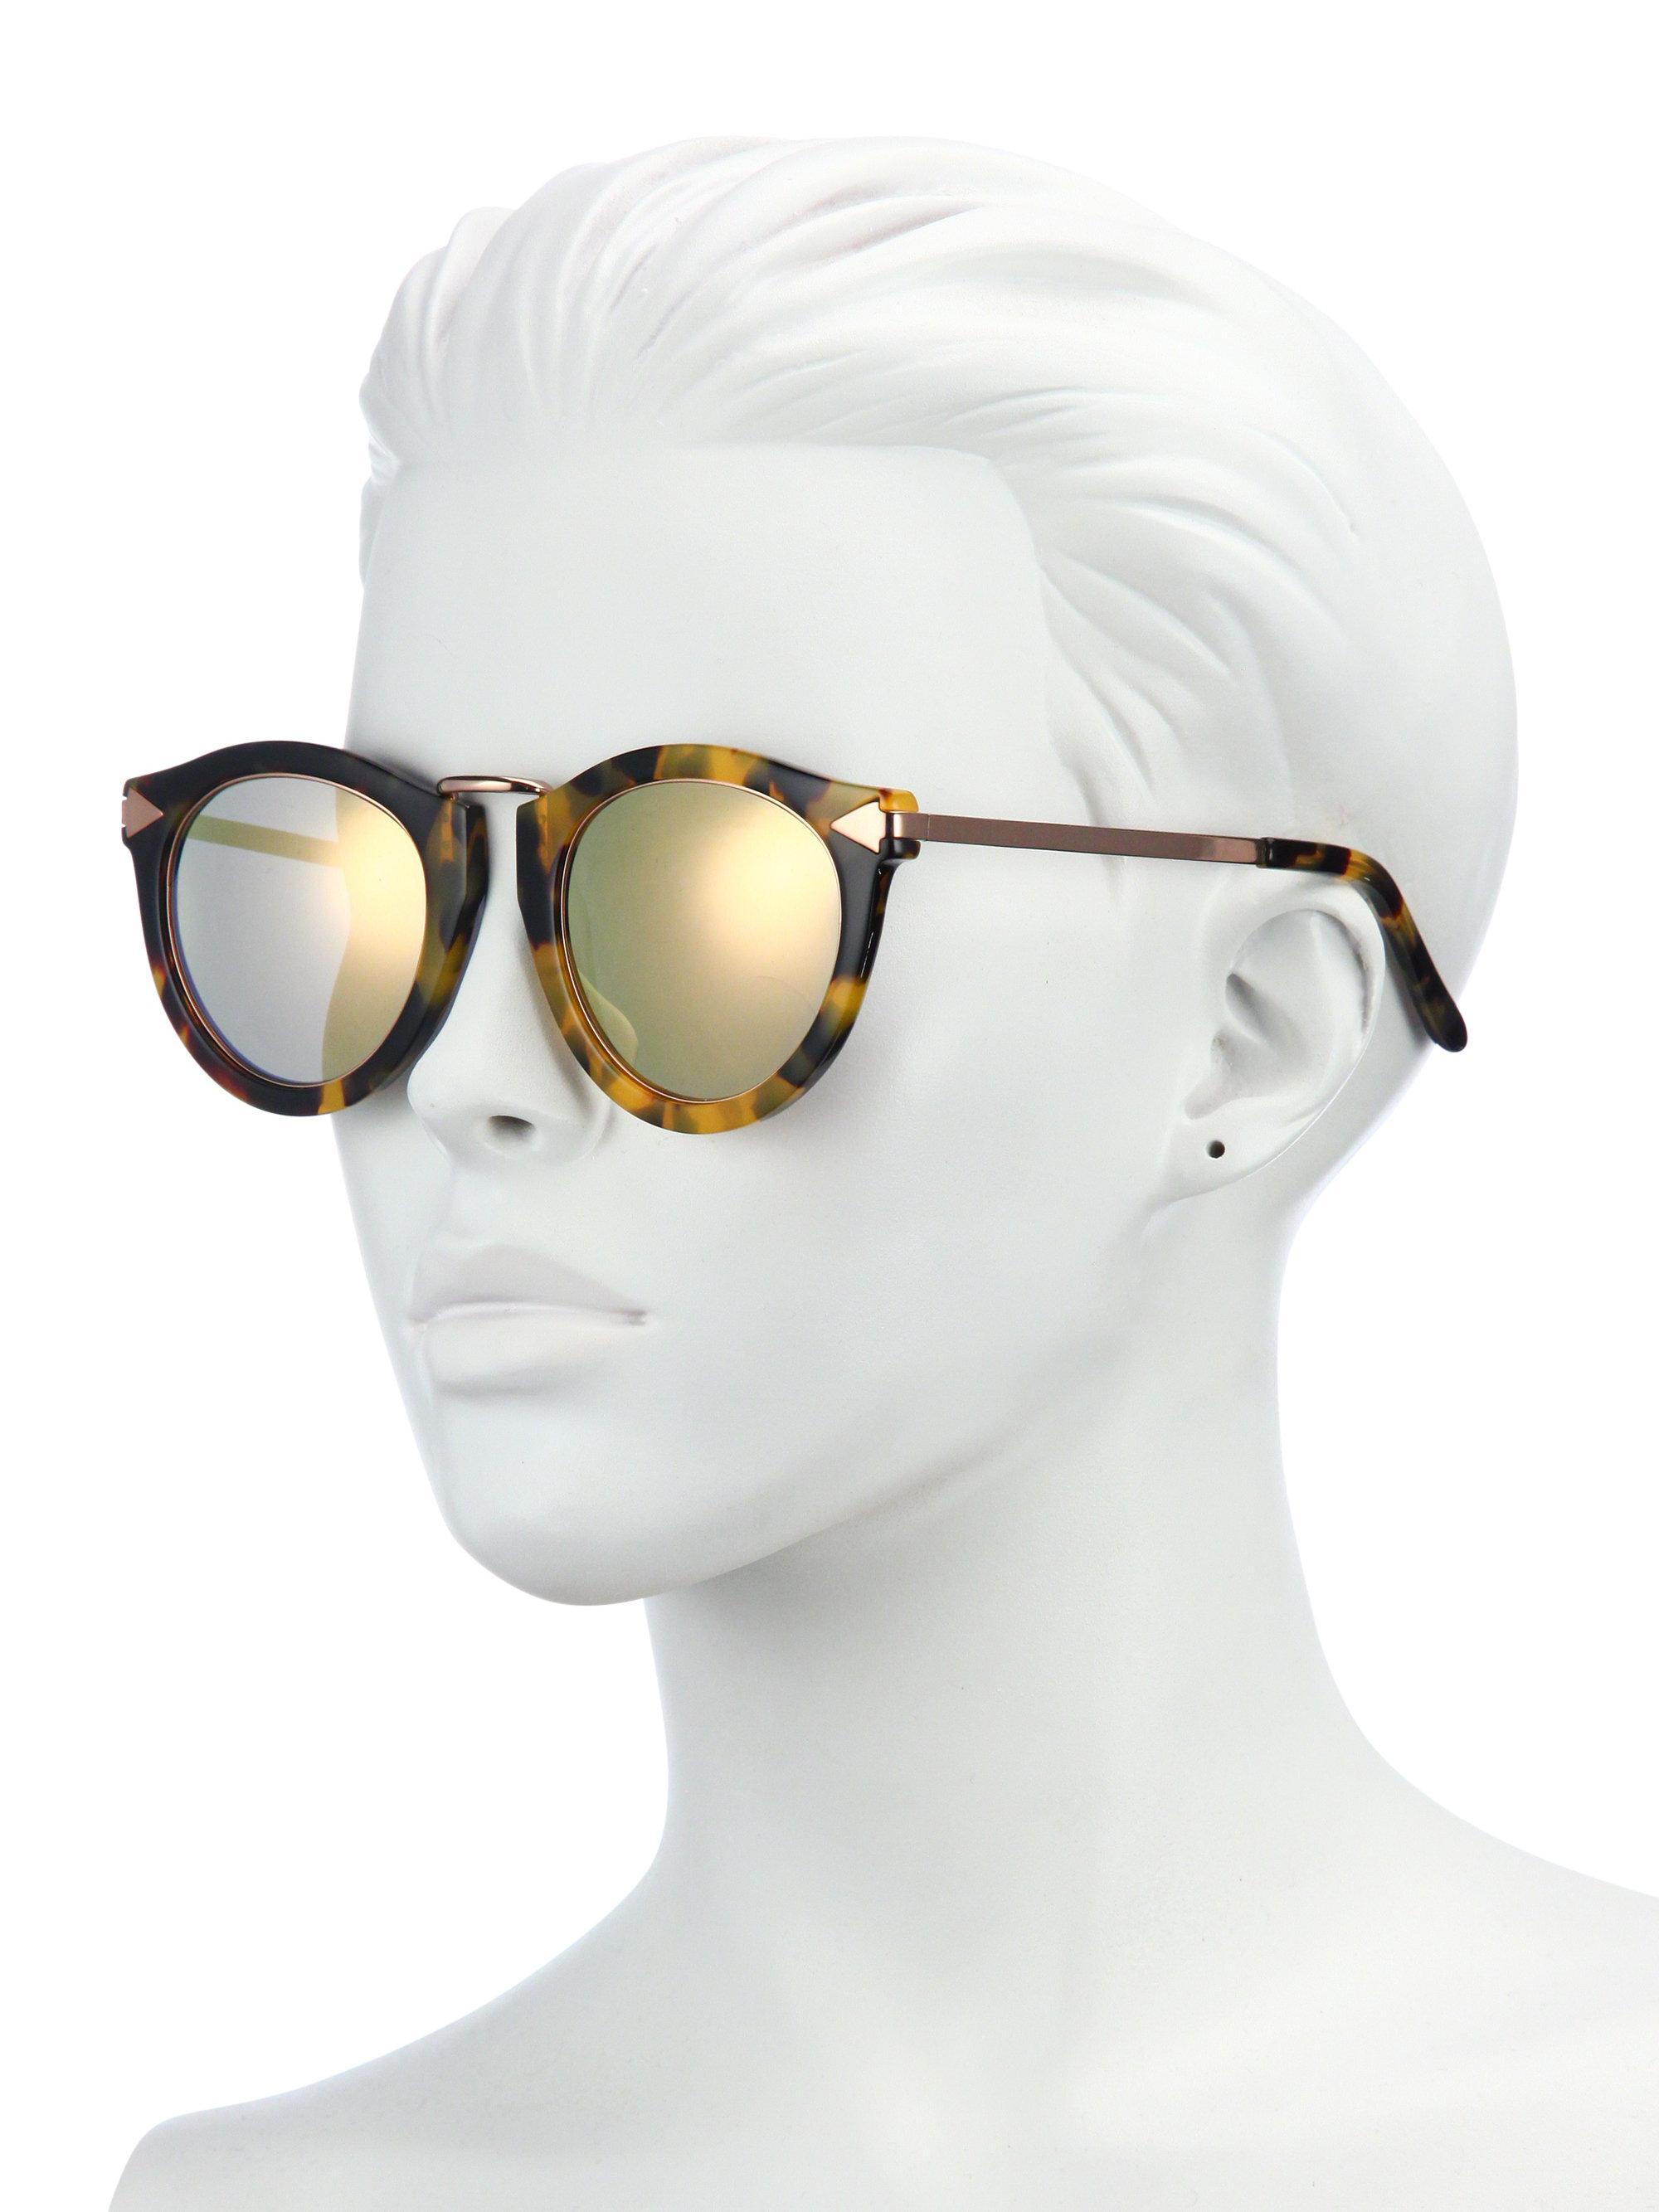 16b3e2d45c56 Karen Walker - Multicolor Superstars Harvest Mirrored Round Sunglasses -  Lyst. View fullscreen